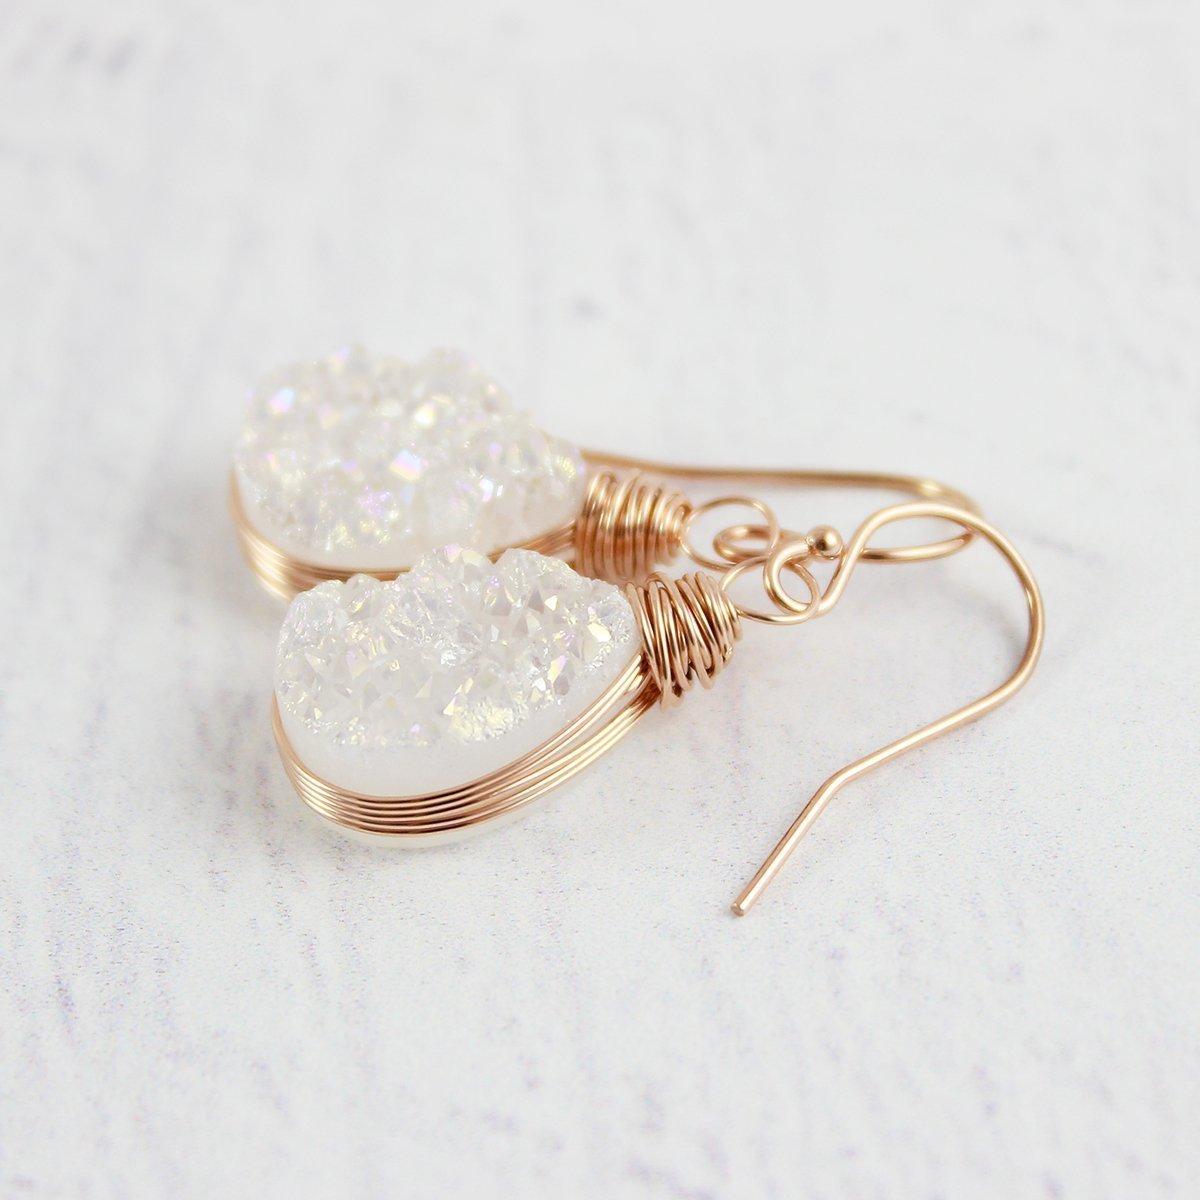 White Druzy Rose Gold Filled Teardrop Earrings